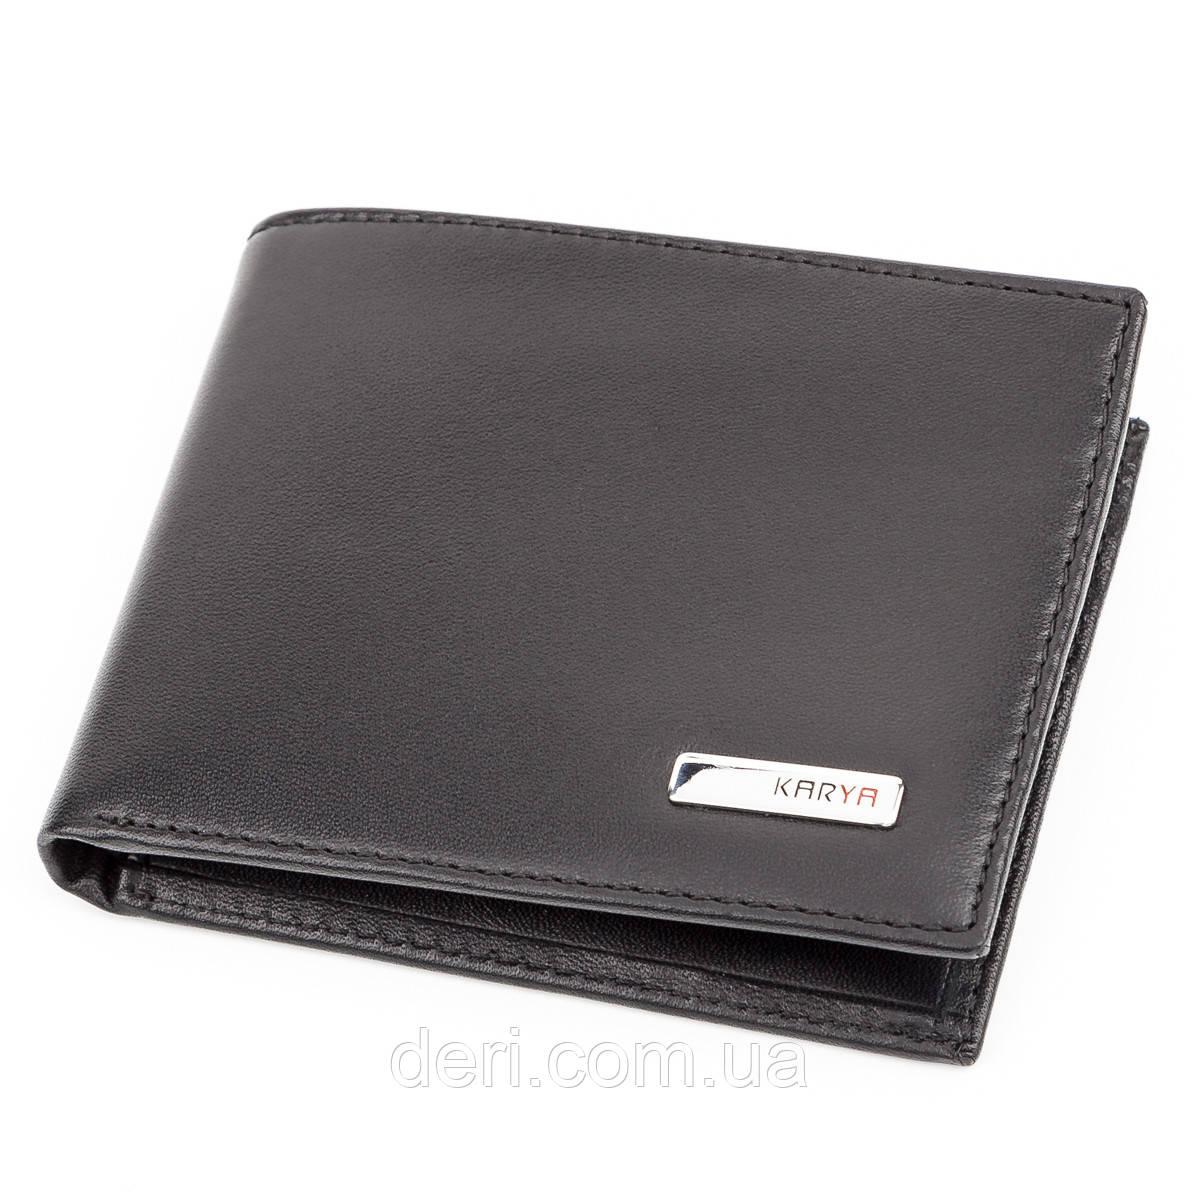 Стильный бумажник горизонтальный мужской